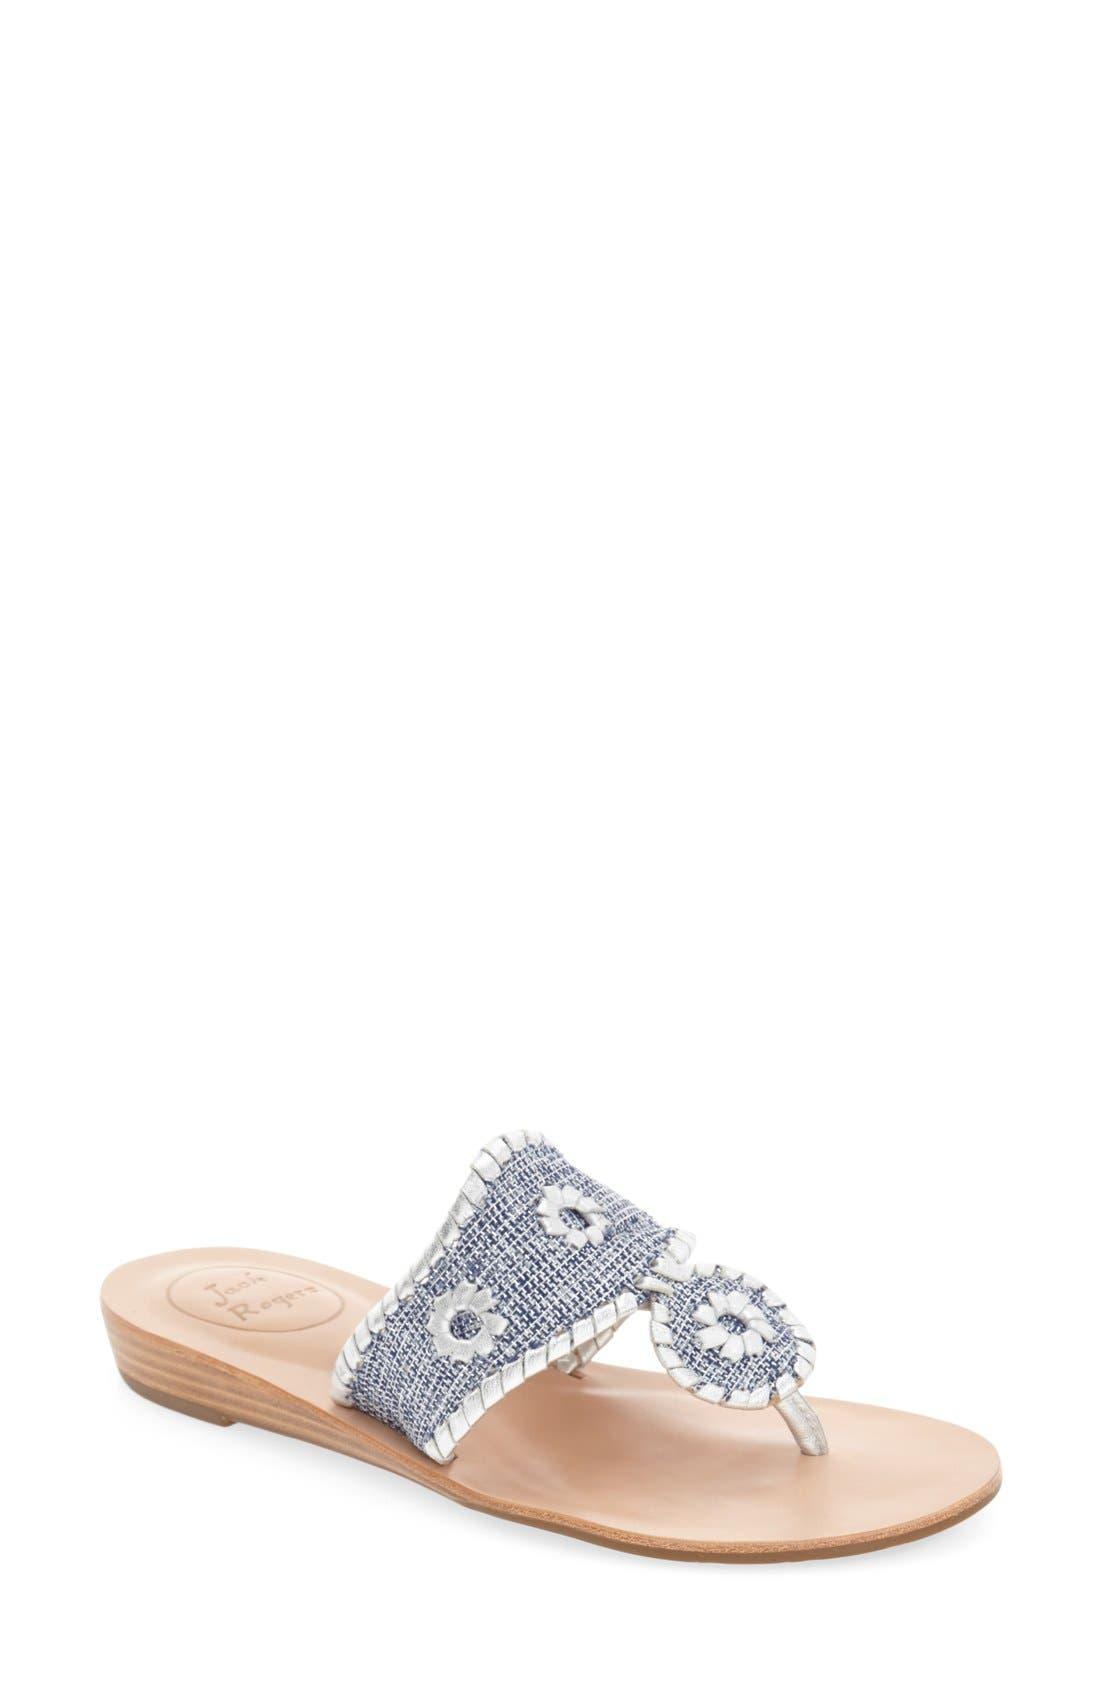 JACK ROGERS 'Madeline' Sandal